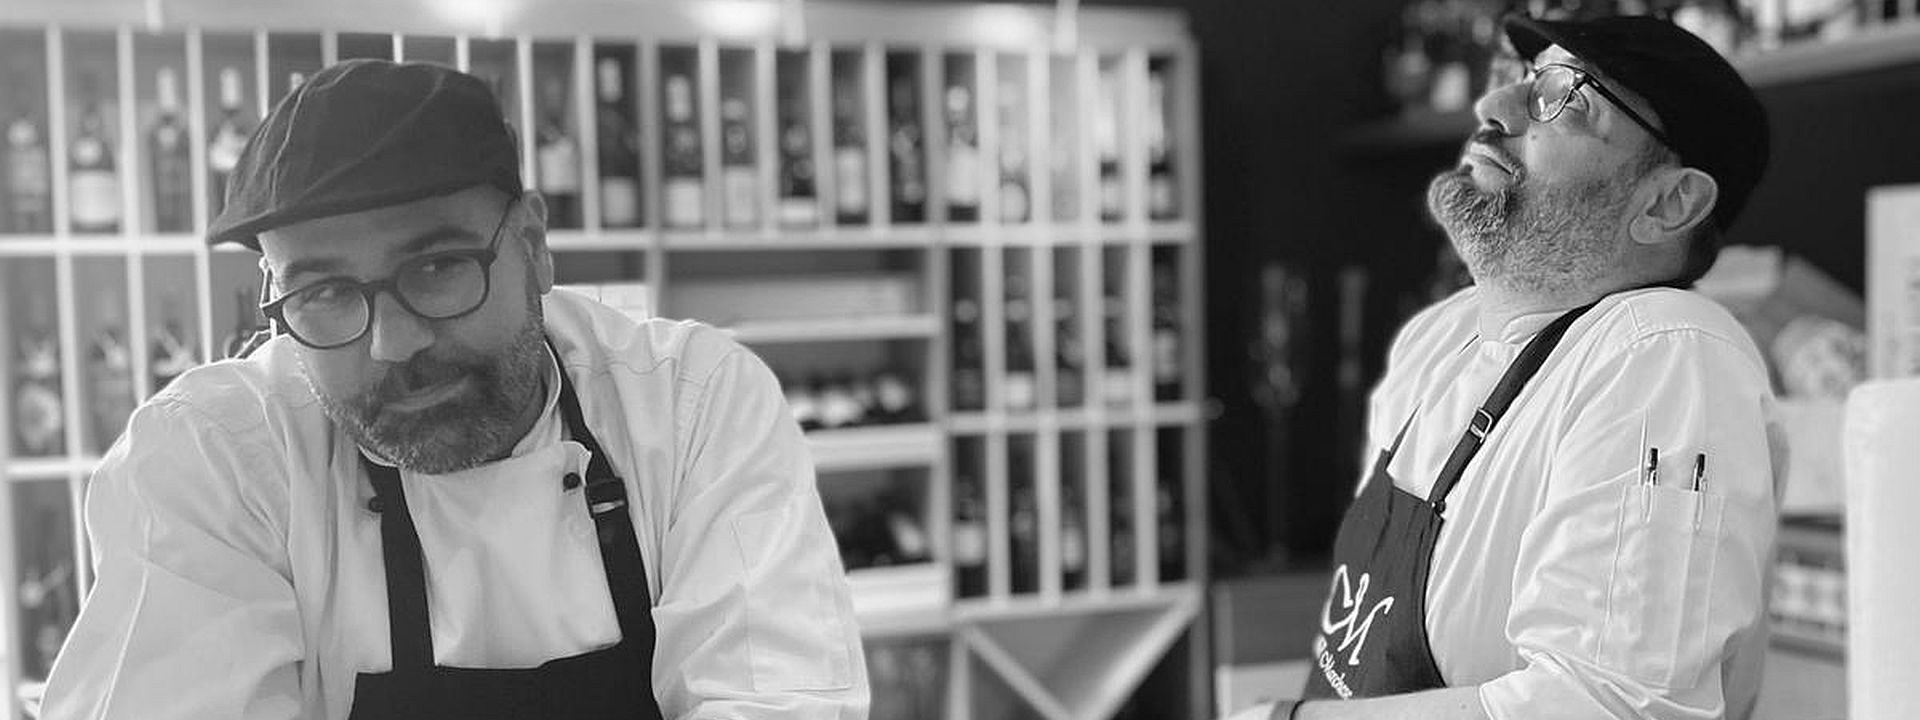 IL Marchese, neue Ideen zur traditionellen italienischen Küche